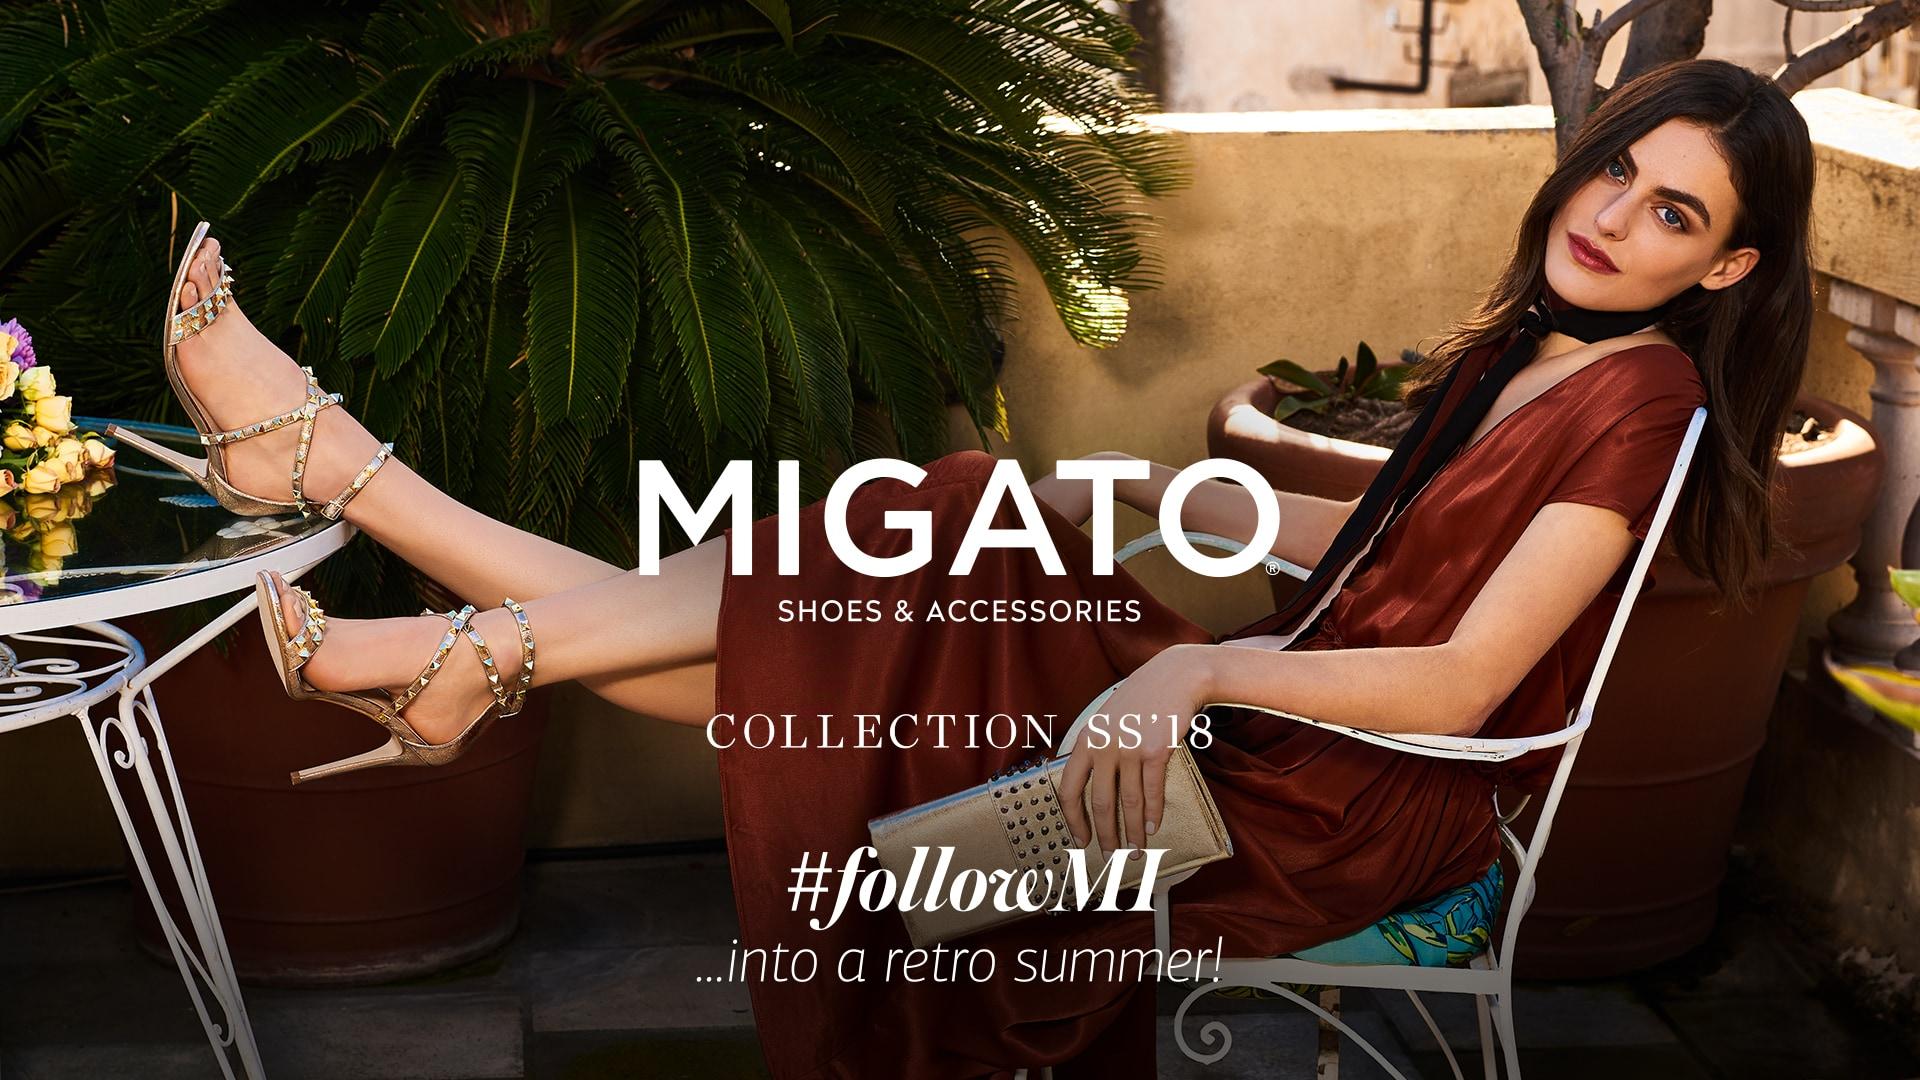 MIGATO SS18 Campaign #followMI into a Retro Summer